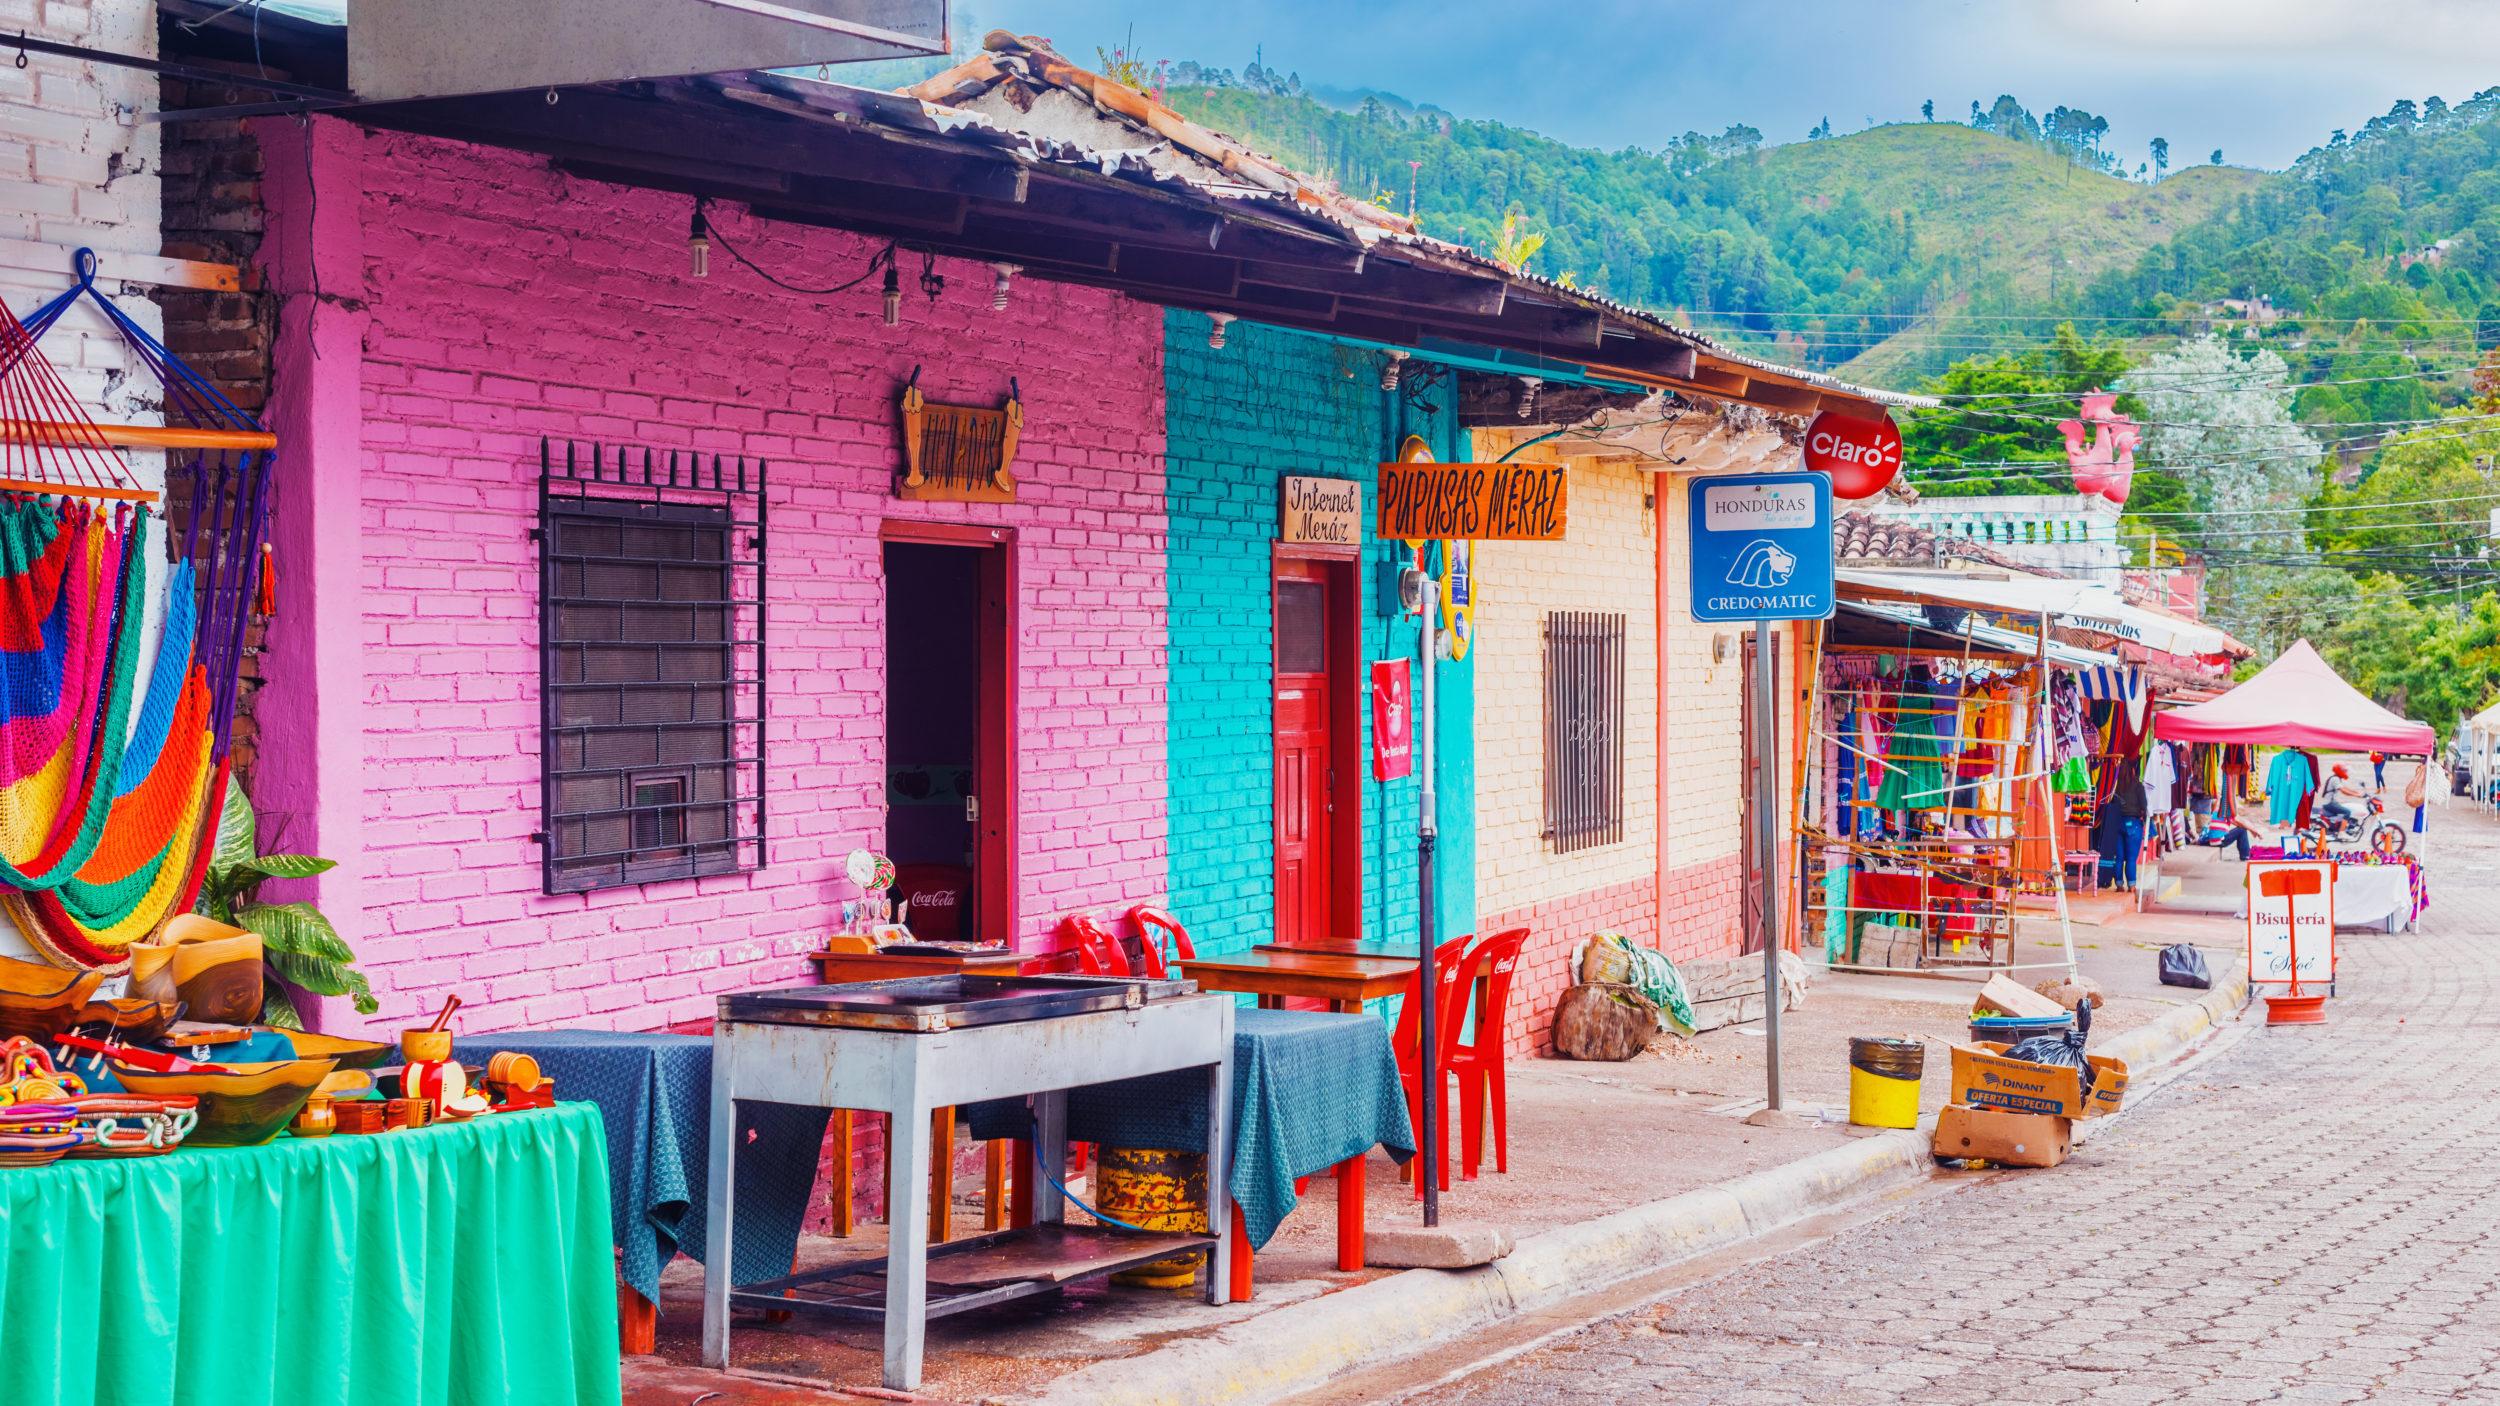 Honduras [Shutterstock]